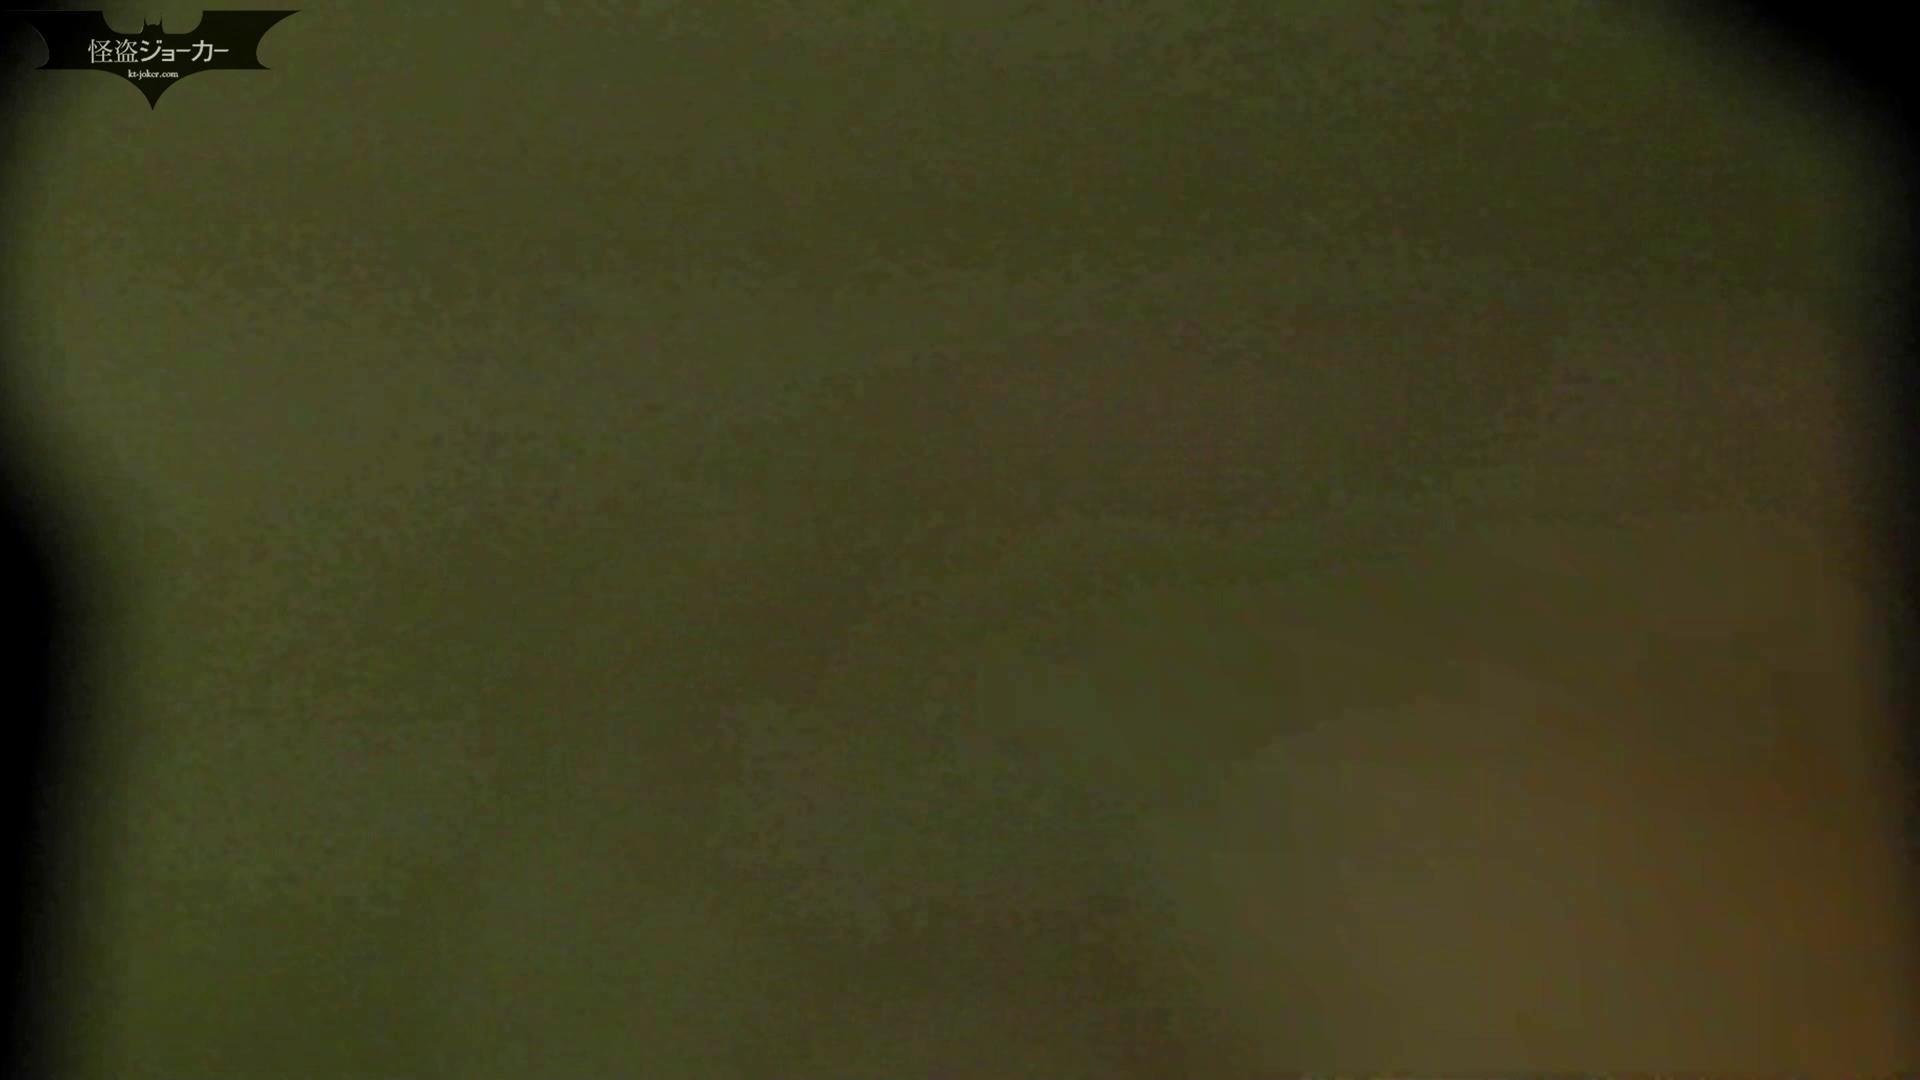 洗面所特攻隊 vol.047 モリモリ、ふきふきにスーパーズーム! 盛合せ | 高画質  113画像 46